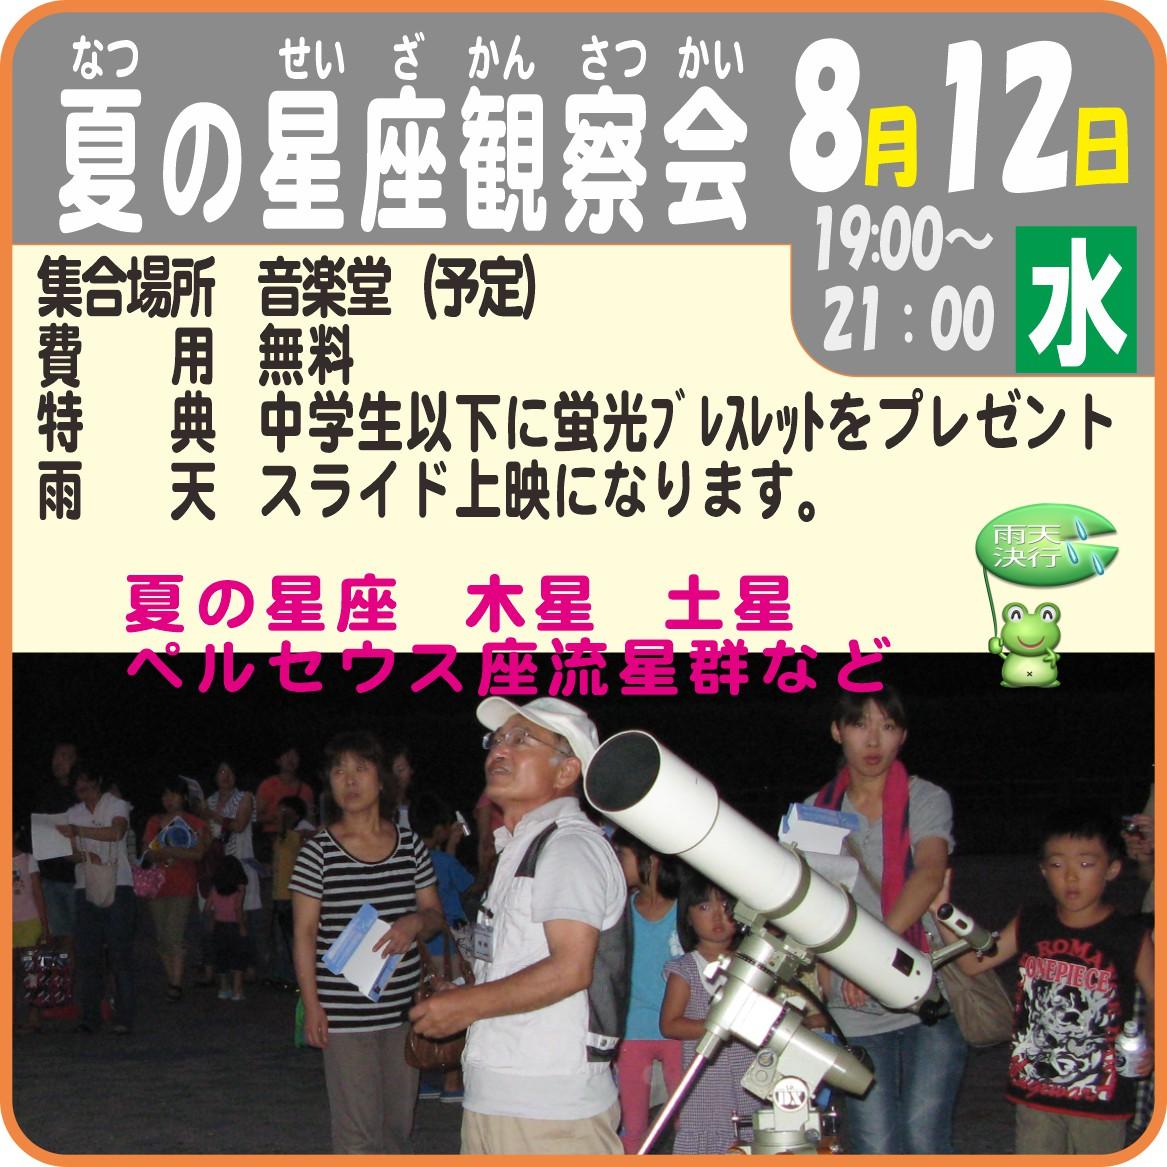 夏の星座観察会